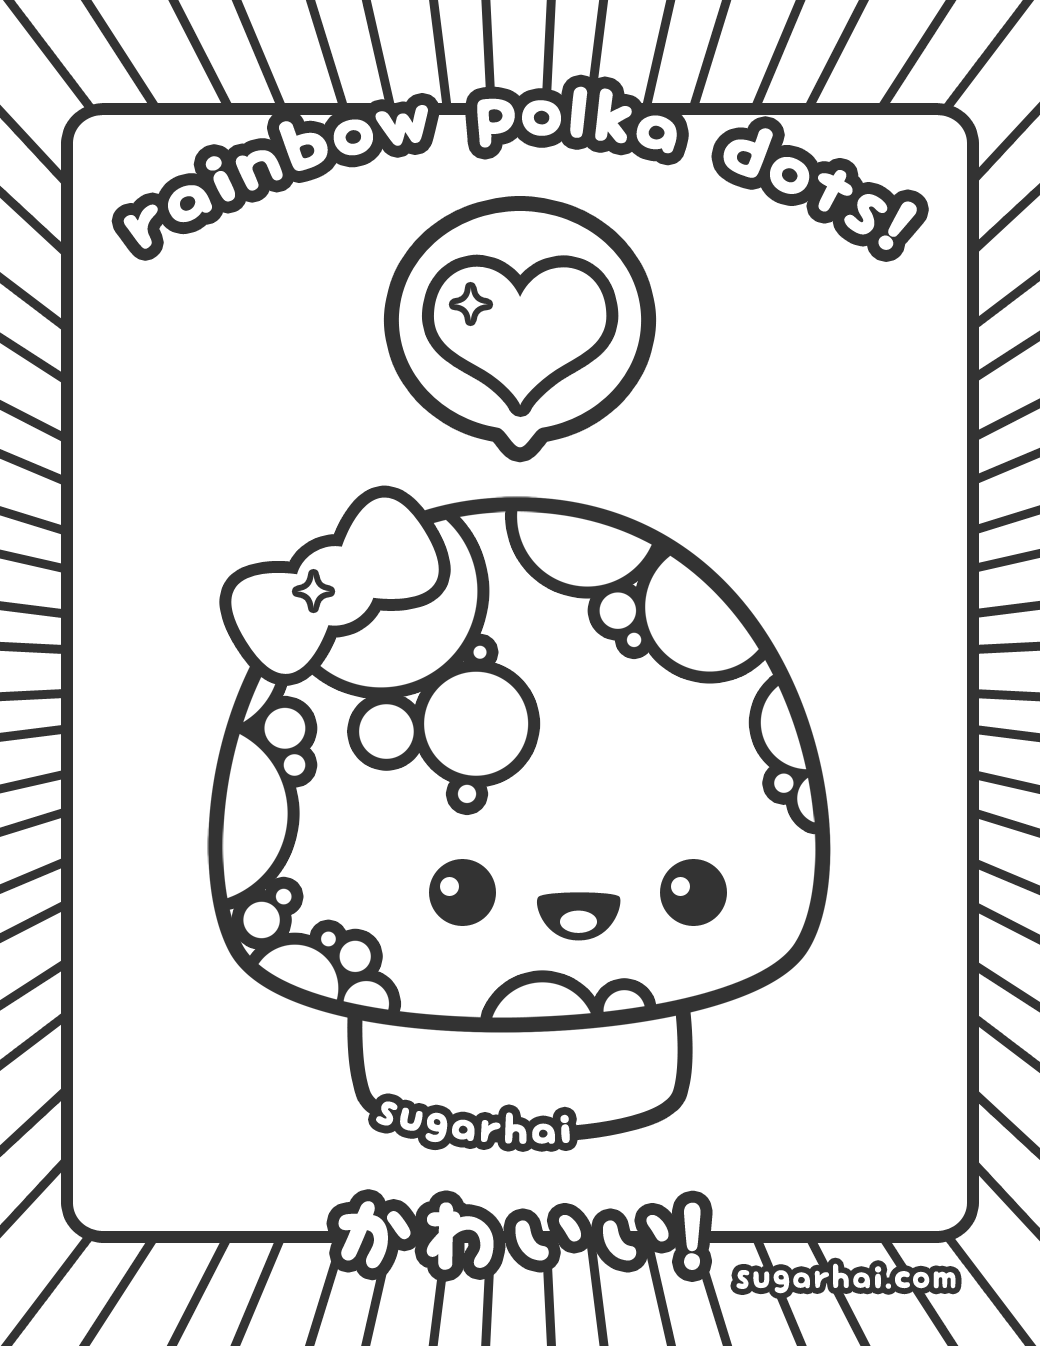 polka dot coloring pages - free mushroom coloring page coloring dots and polka dots